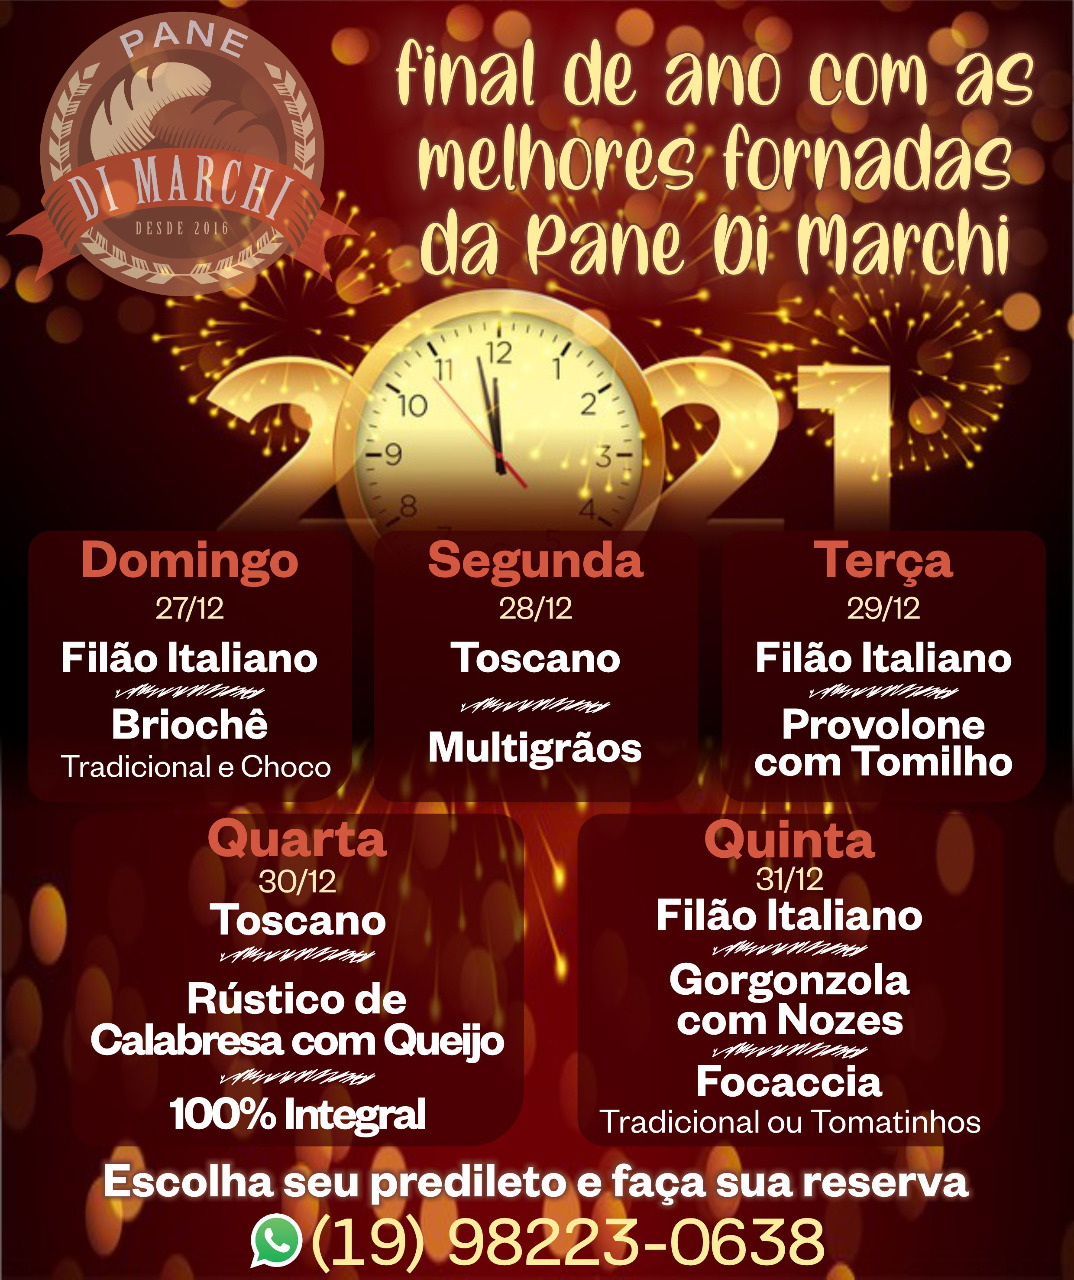 Pane Di Marchi tem fornadas especiais para o domingo